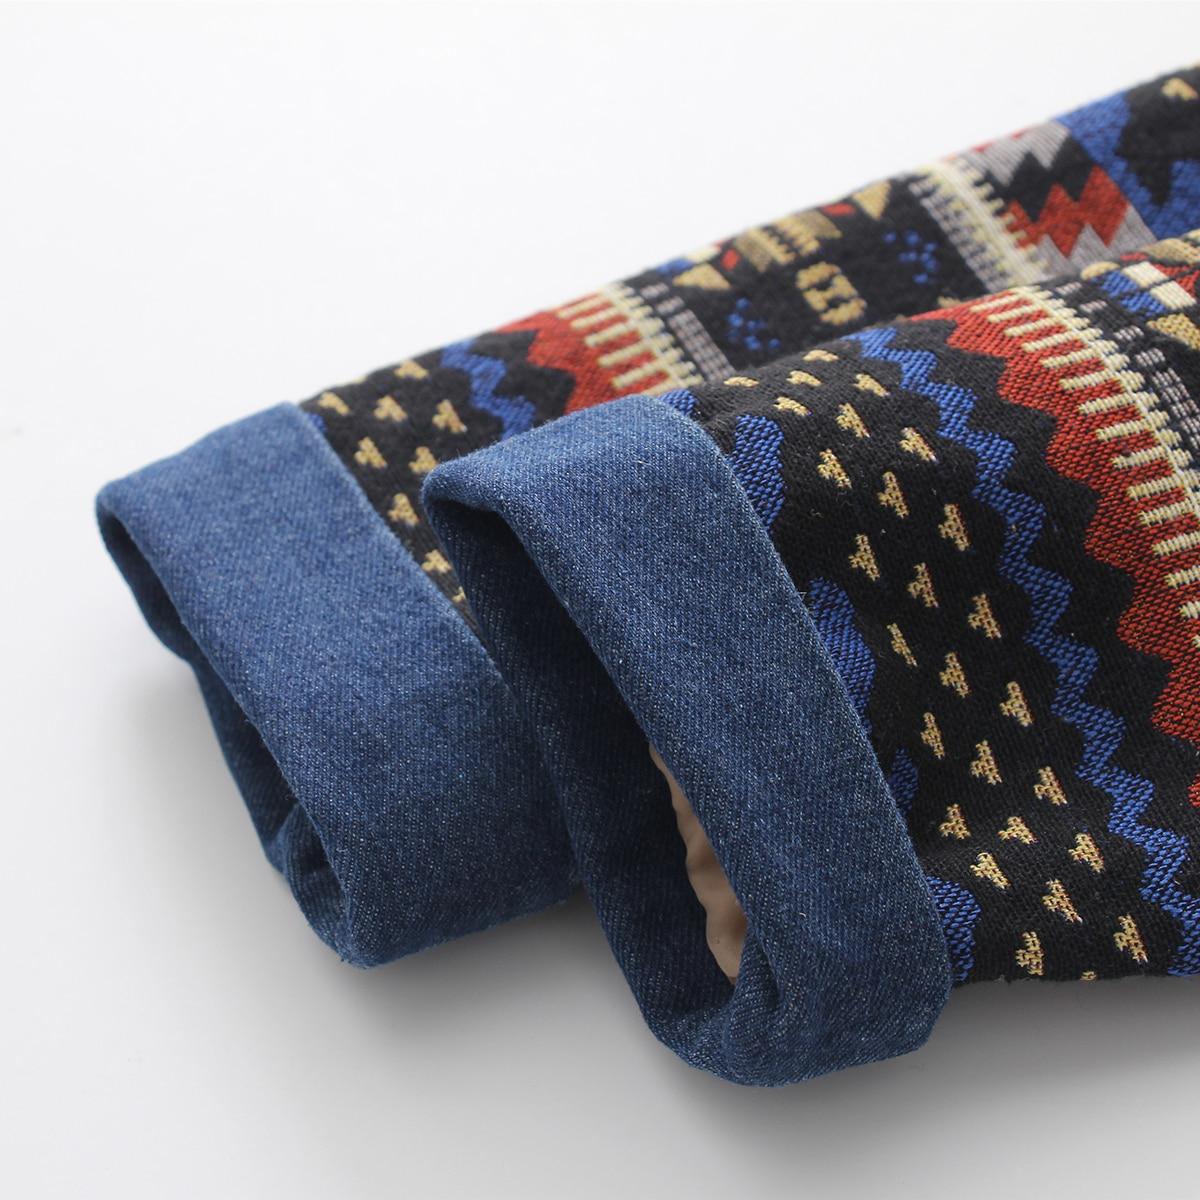 Bleu Femmes 2018 Veste Long Épais Moyen Patchwork Denim Chaud Jeans Outwear Occasionnel Manteau Copie Vintage Cachemire Rembourré D'hiver Lâche SpLzMVjqGU